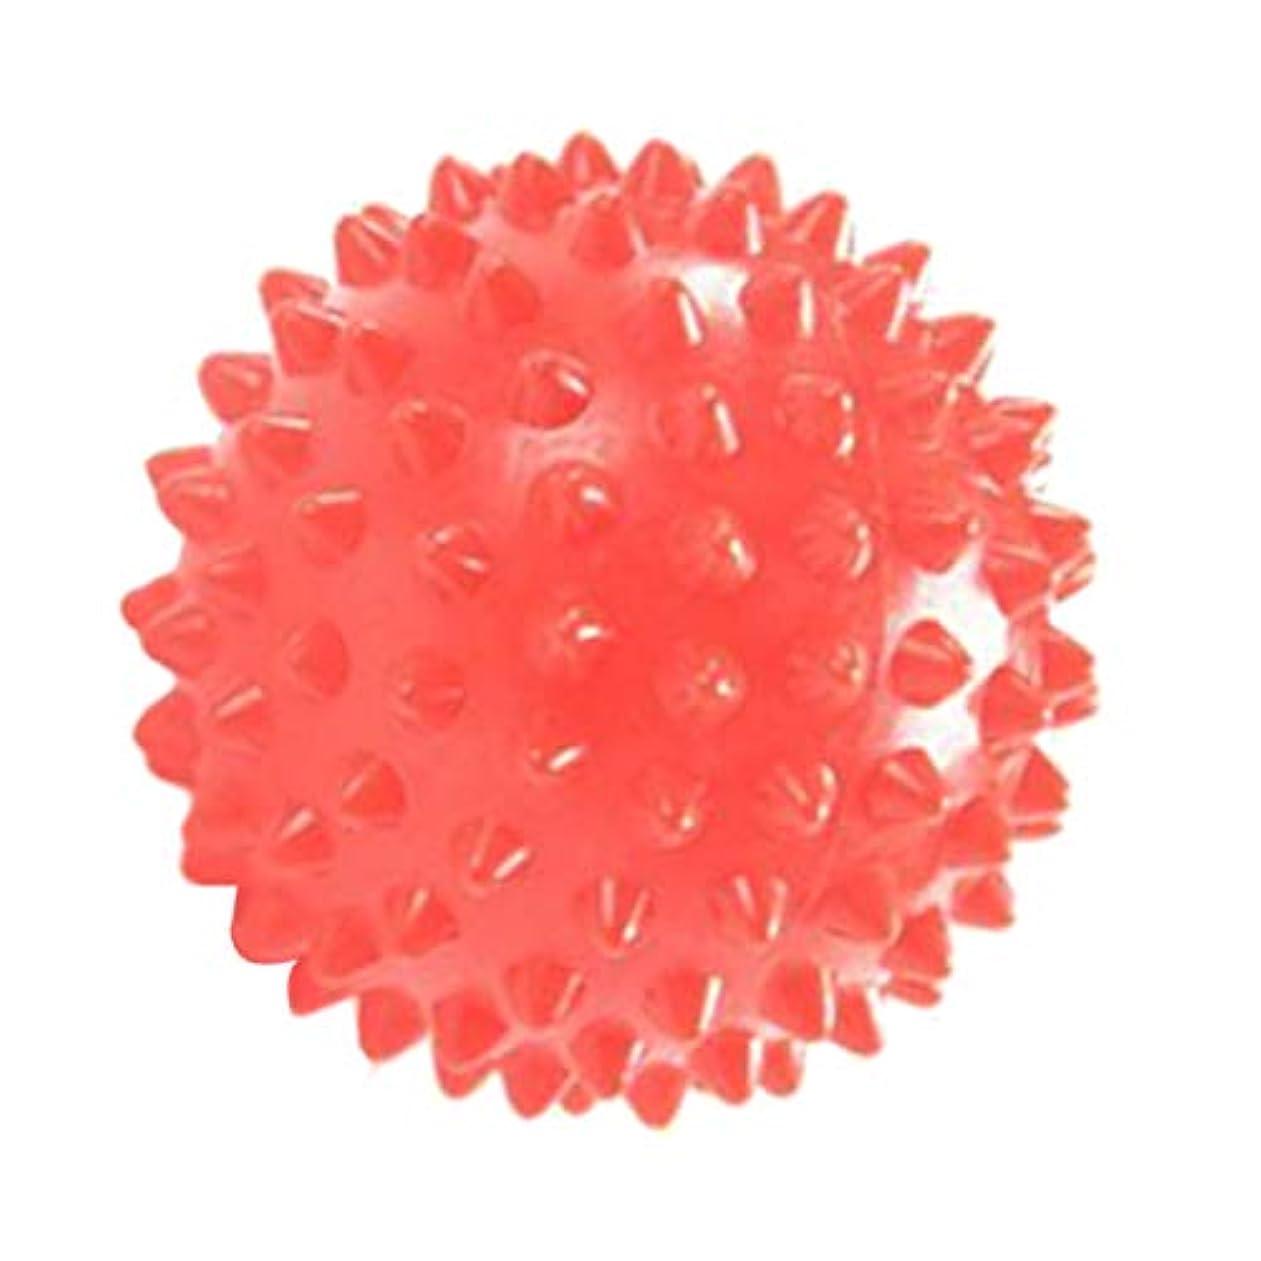 ペニー火傷キリスト教dailymall マッサージボール 触覚ボール リフレクションボール 指圧ボール ツボ押し 筋膜リリースヨガ 7cm